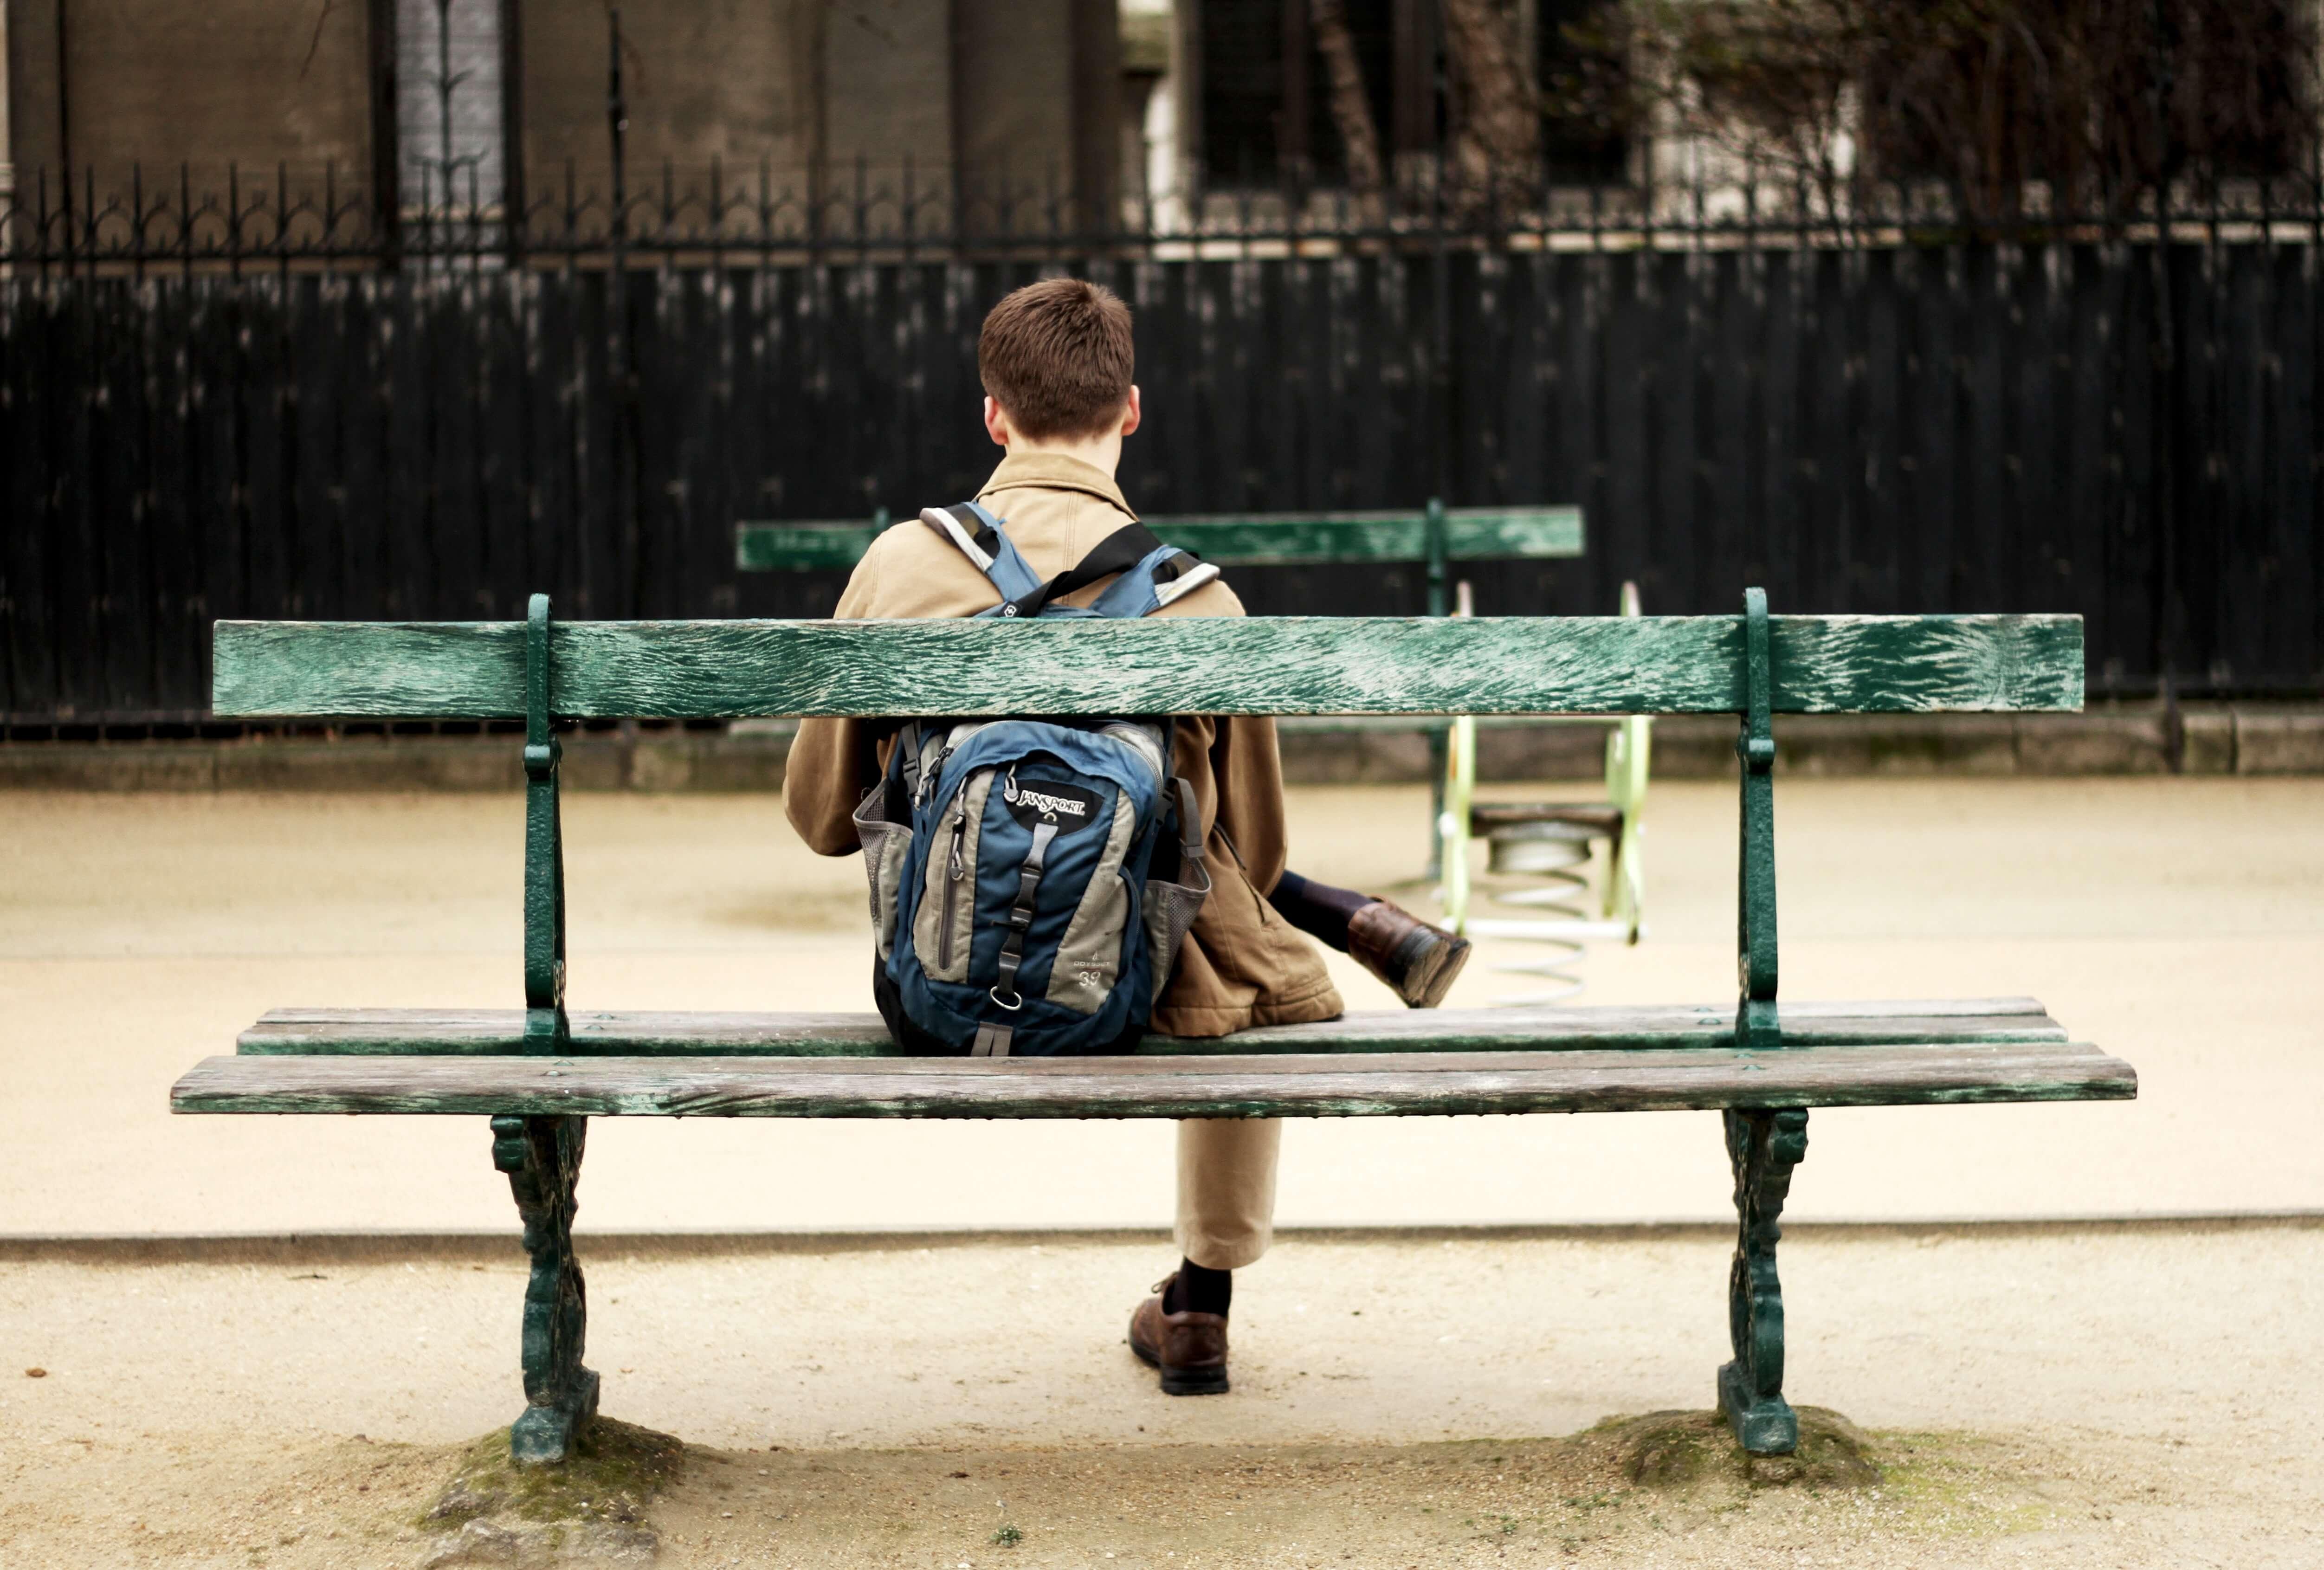 Sindikat zgrožen odlukom o otvaranju škola: 'Posljedice mogu biti opasne, sve je nadoknadivo osim ljudskih života'